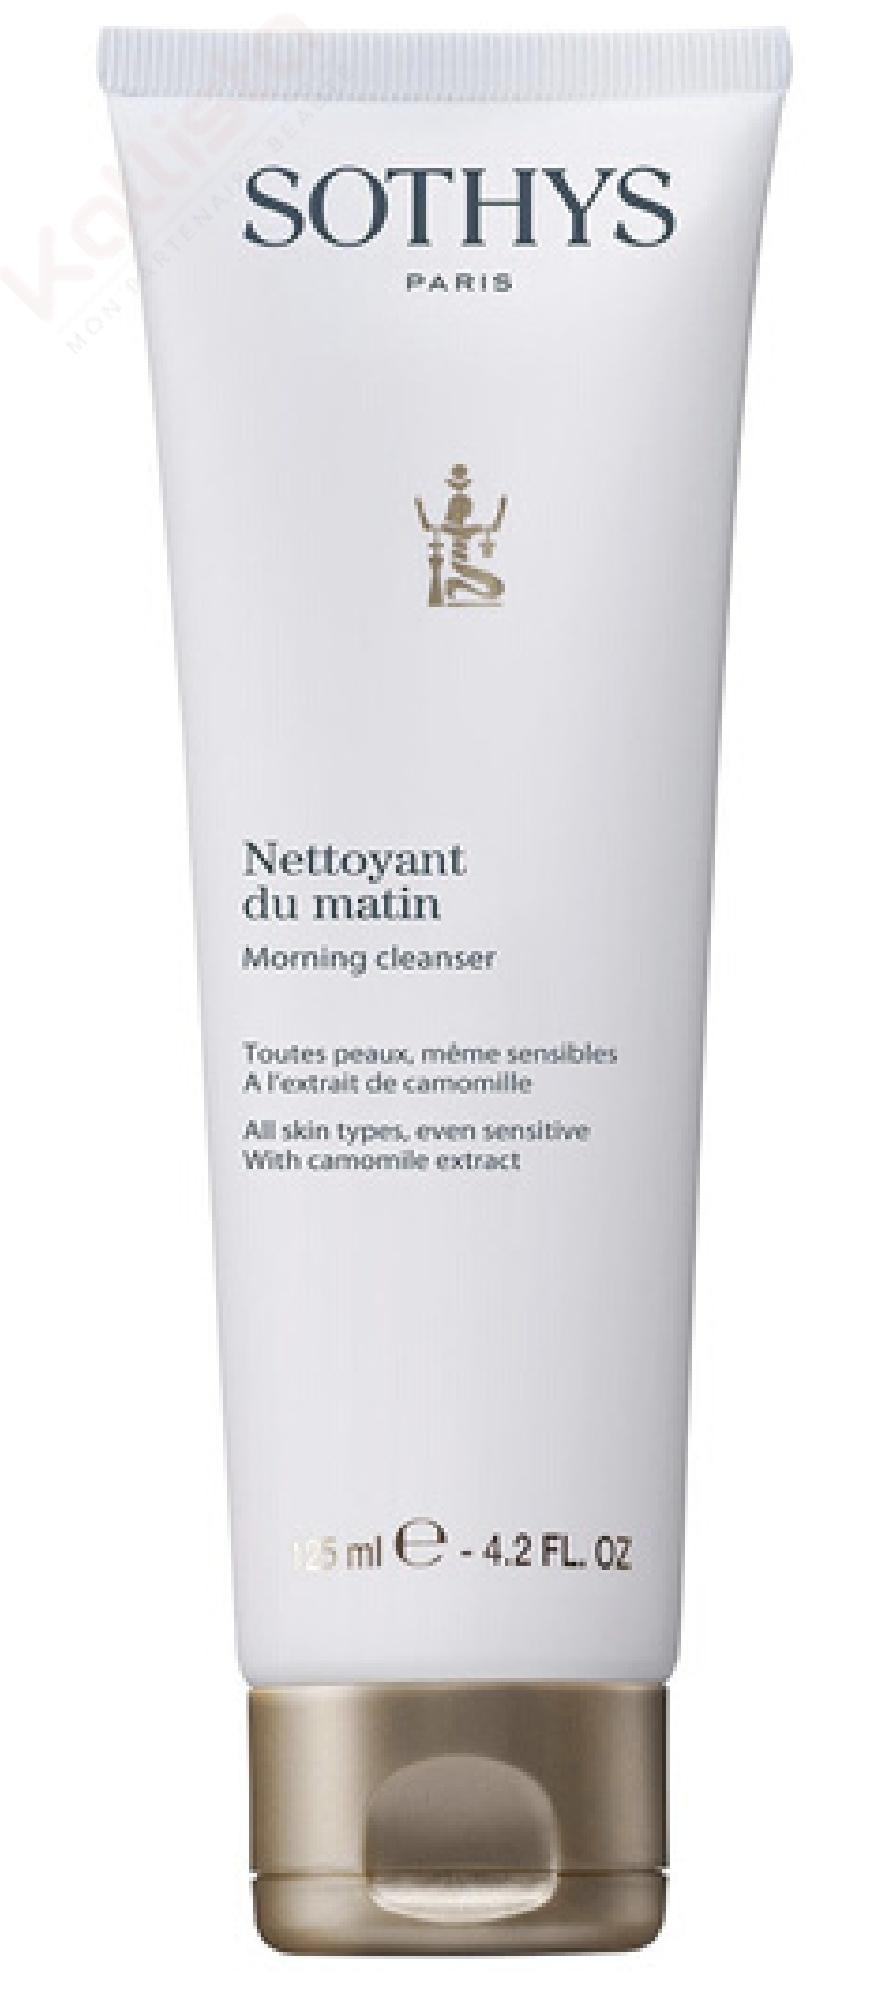 Nettoyant du matin Sothys - Crème nettoyante visage toutes peaux, même sensibles